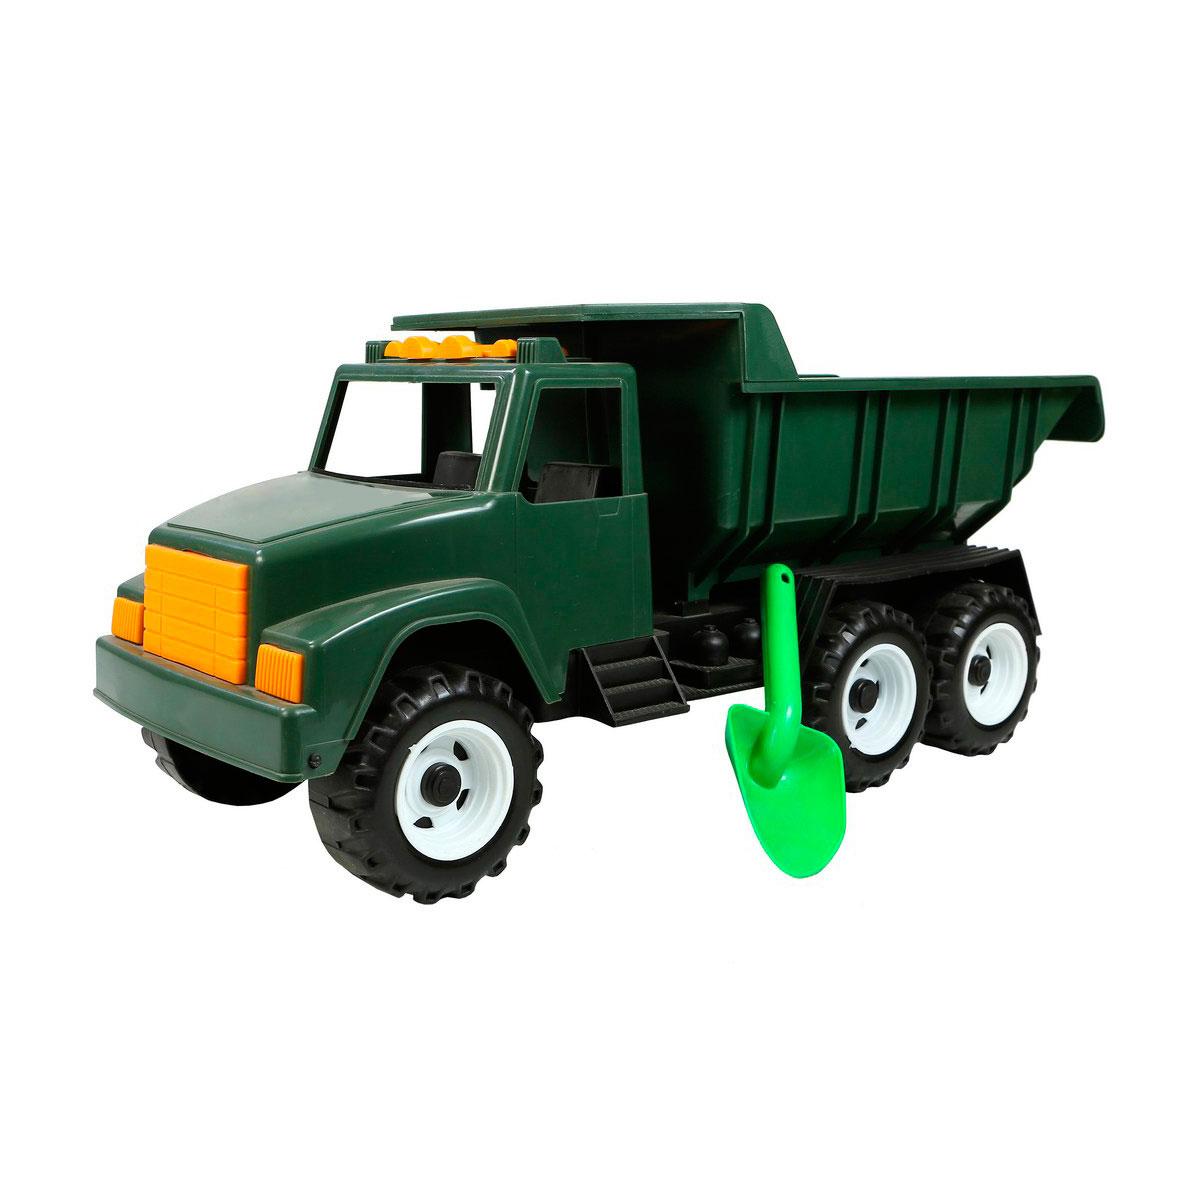 Автомобиль RT ОР184 Интер BIG Военный лопата хаки